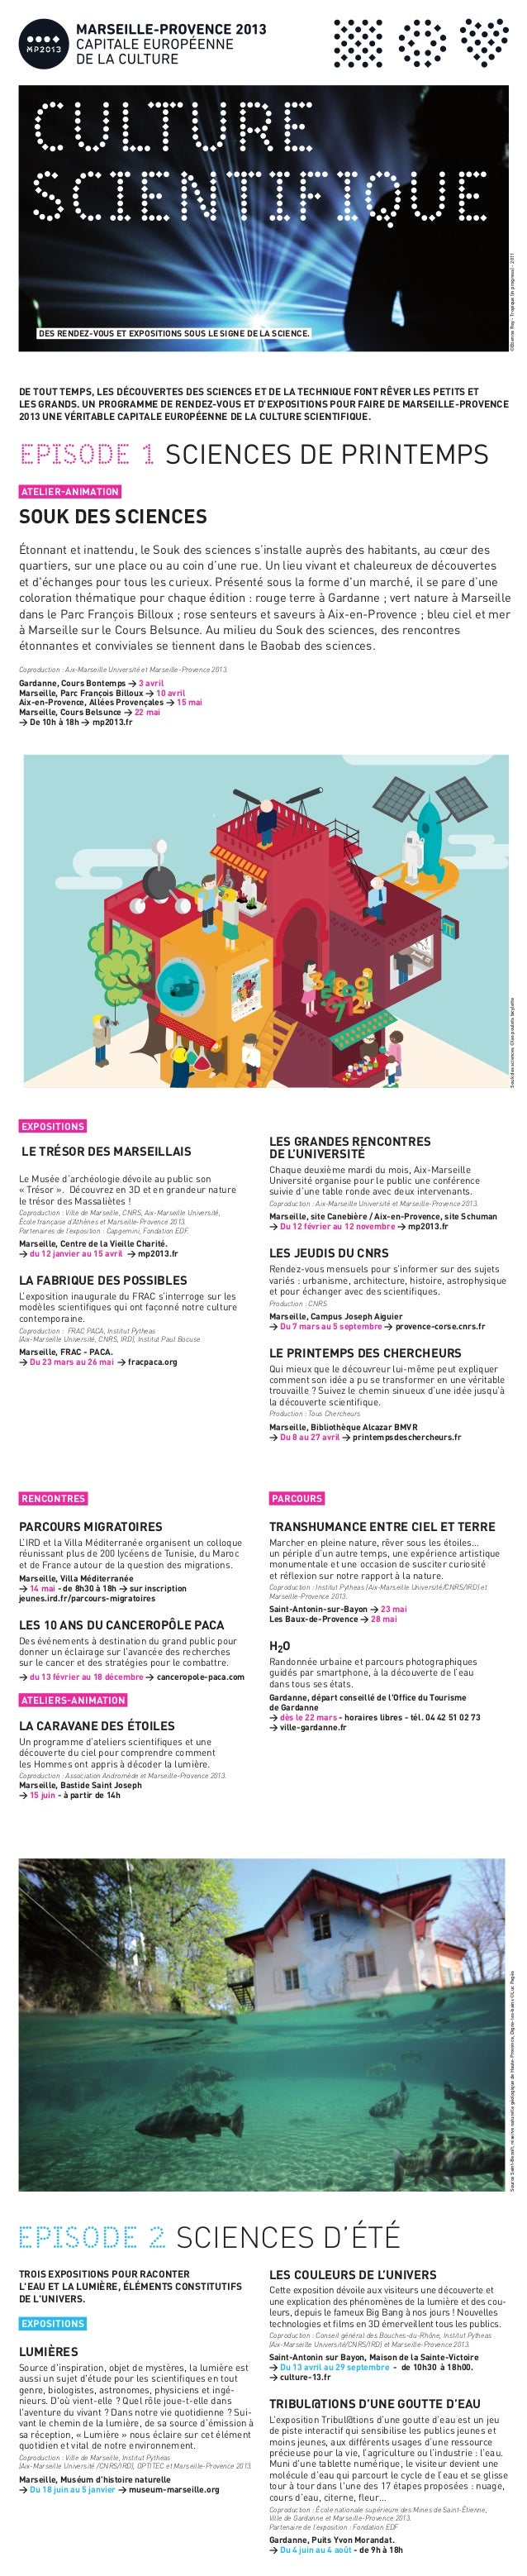 SourceSaint-Benoît,réservenaturellegéologiquedeHaute-Provence,Digne-les-bains©LucPagès©EtienneRey-Tropique(inprogress)-201...